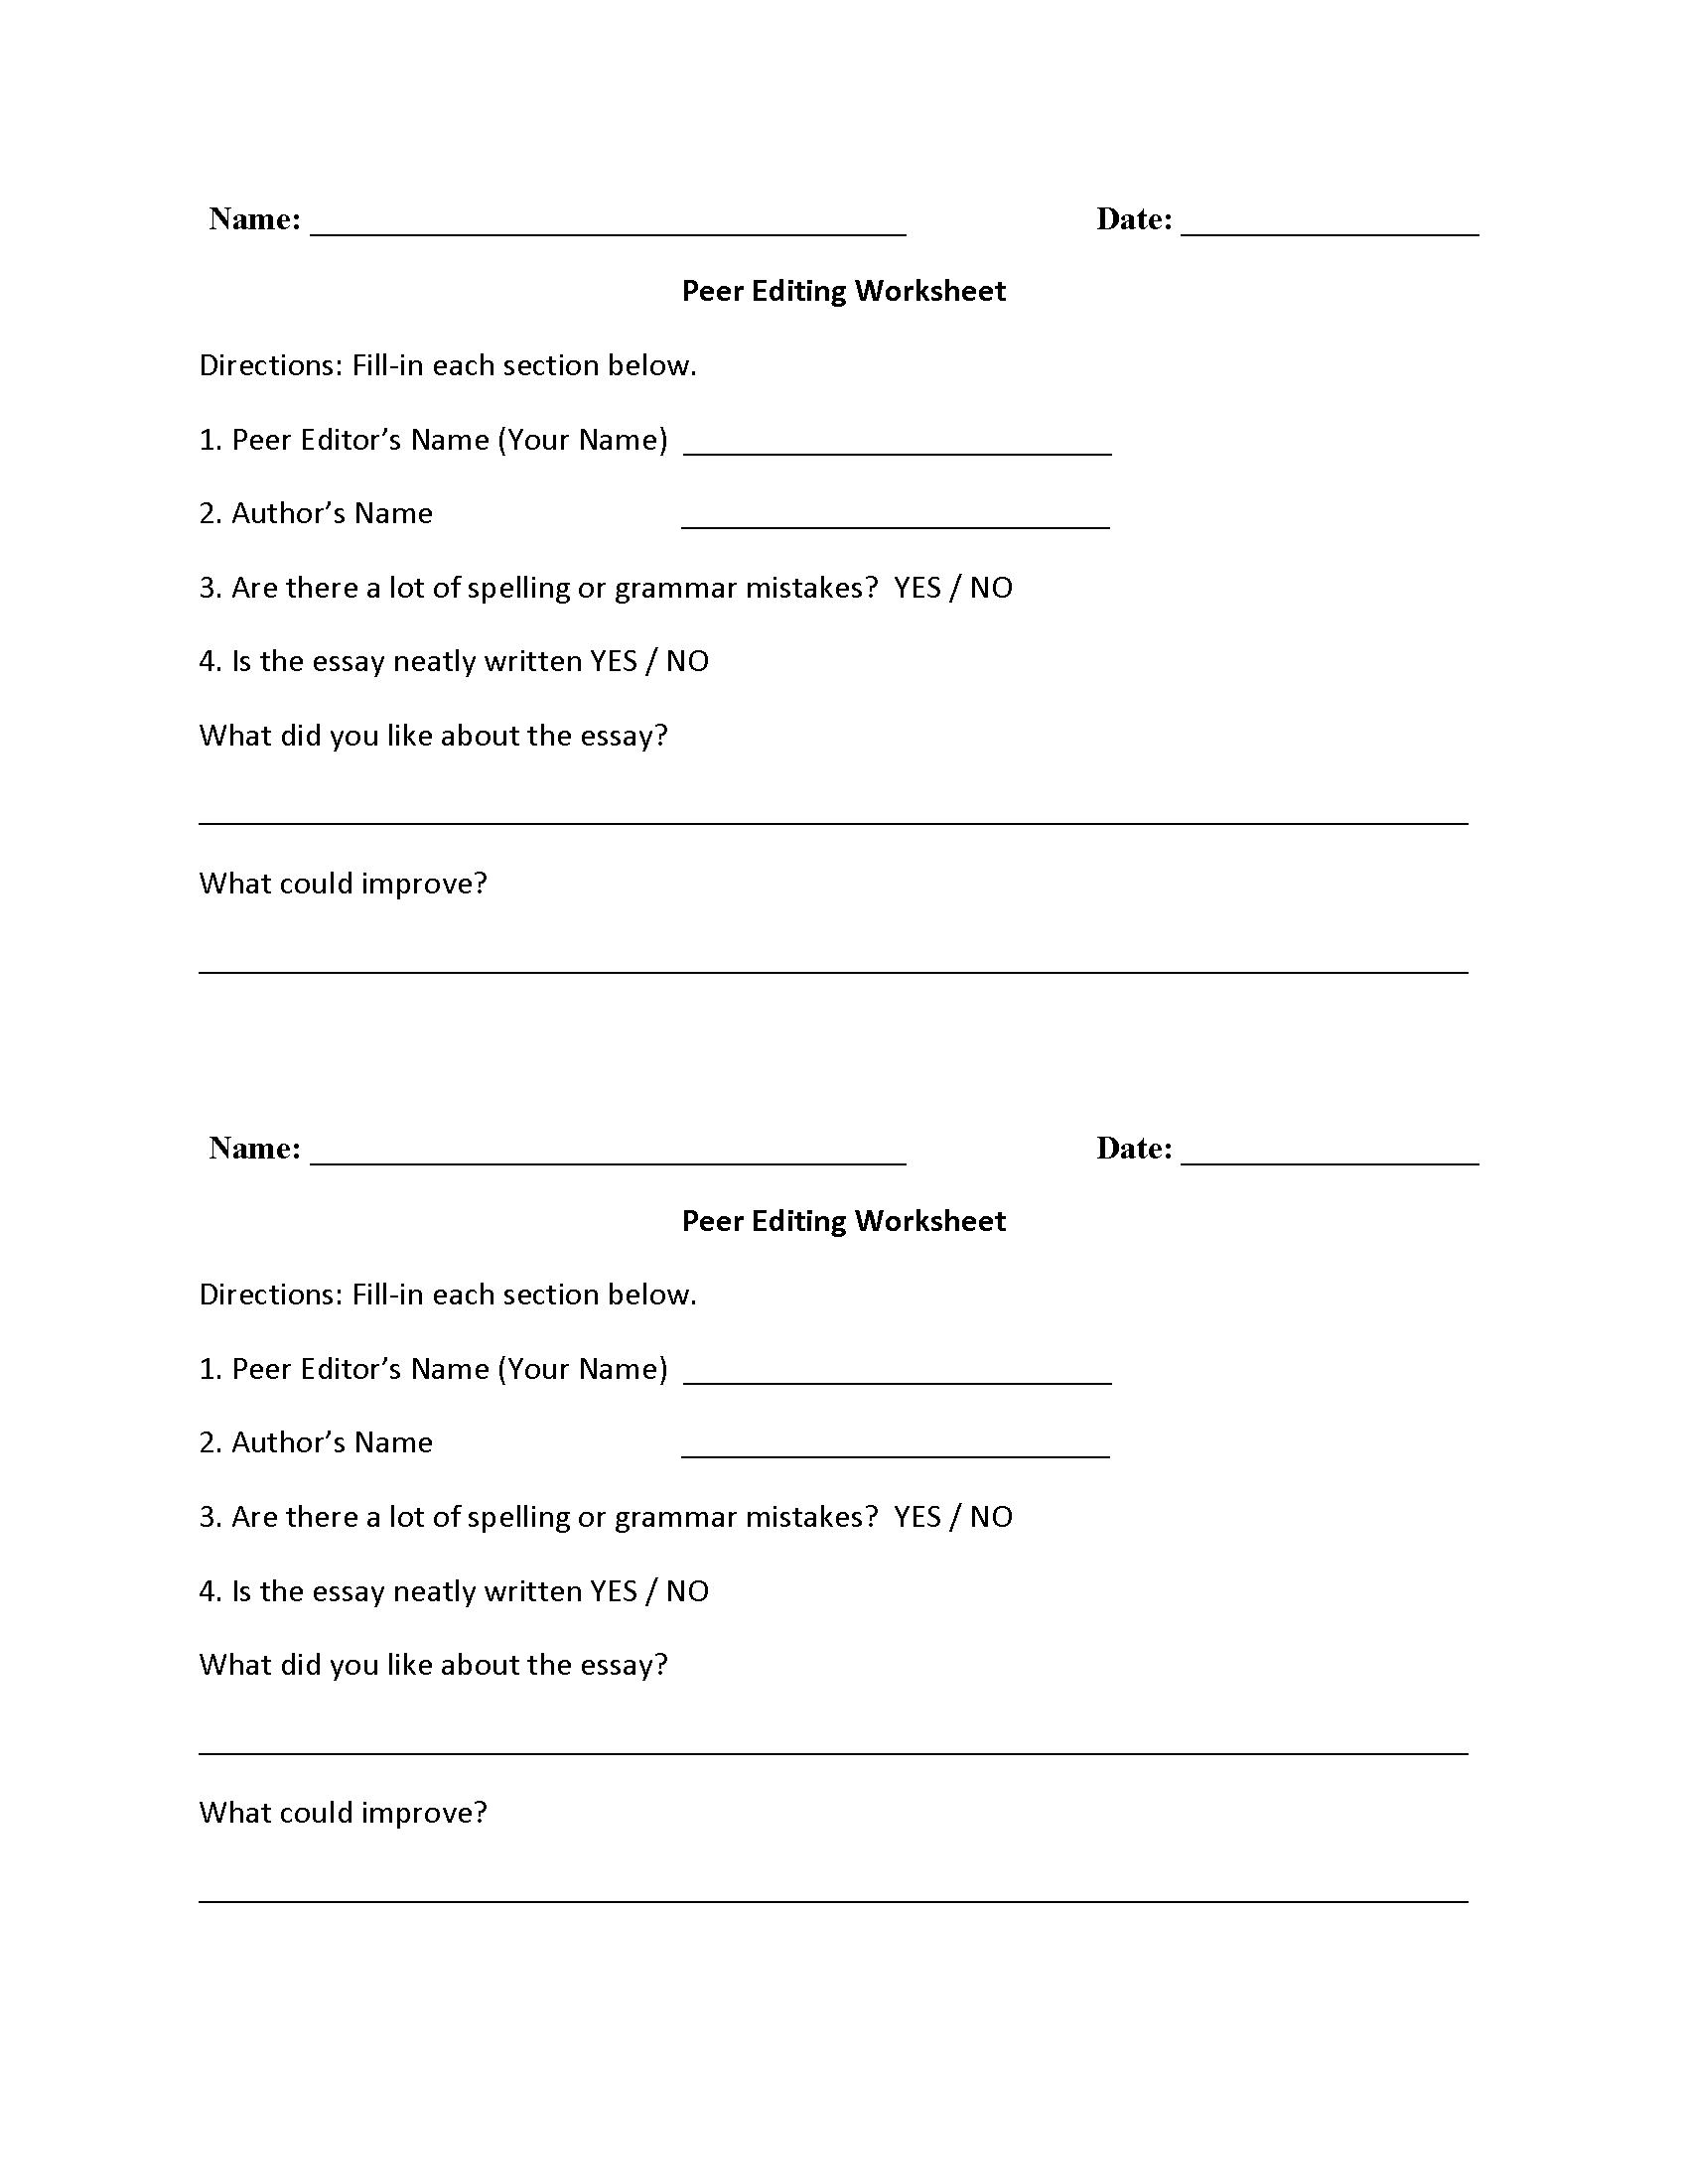 Peer Editing Half Sheet Worksheet